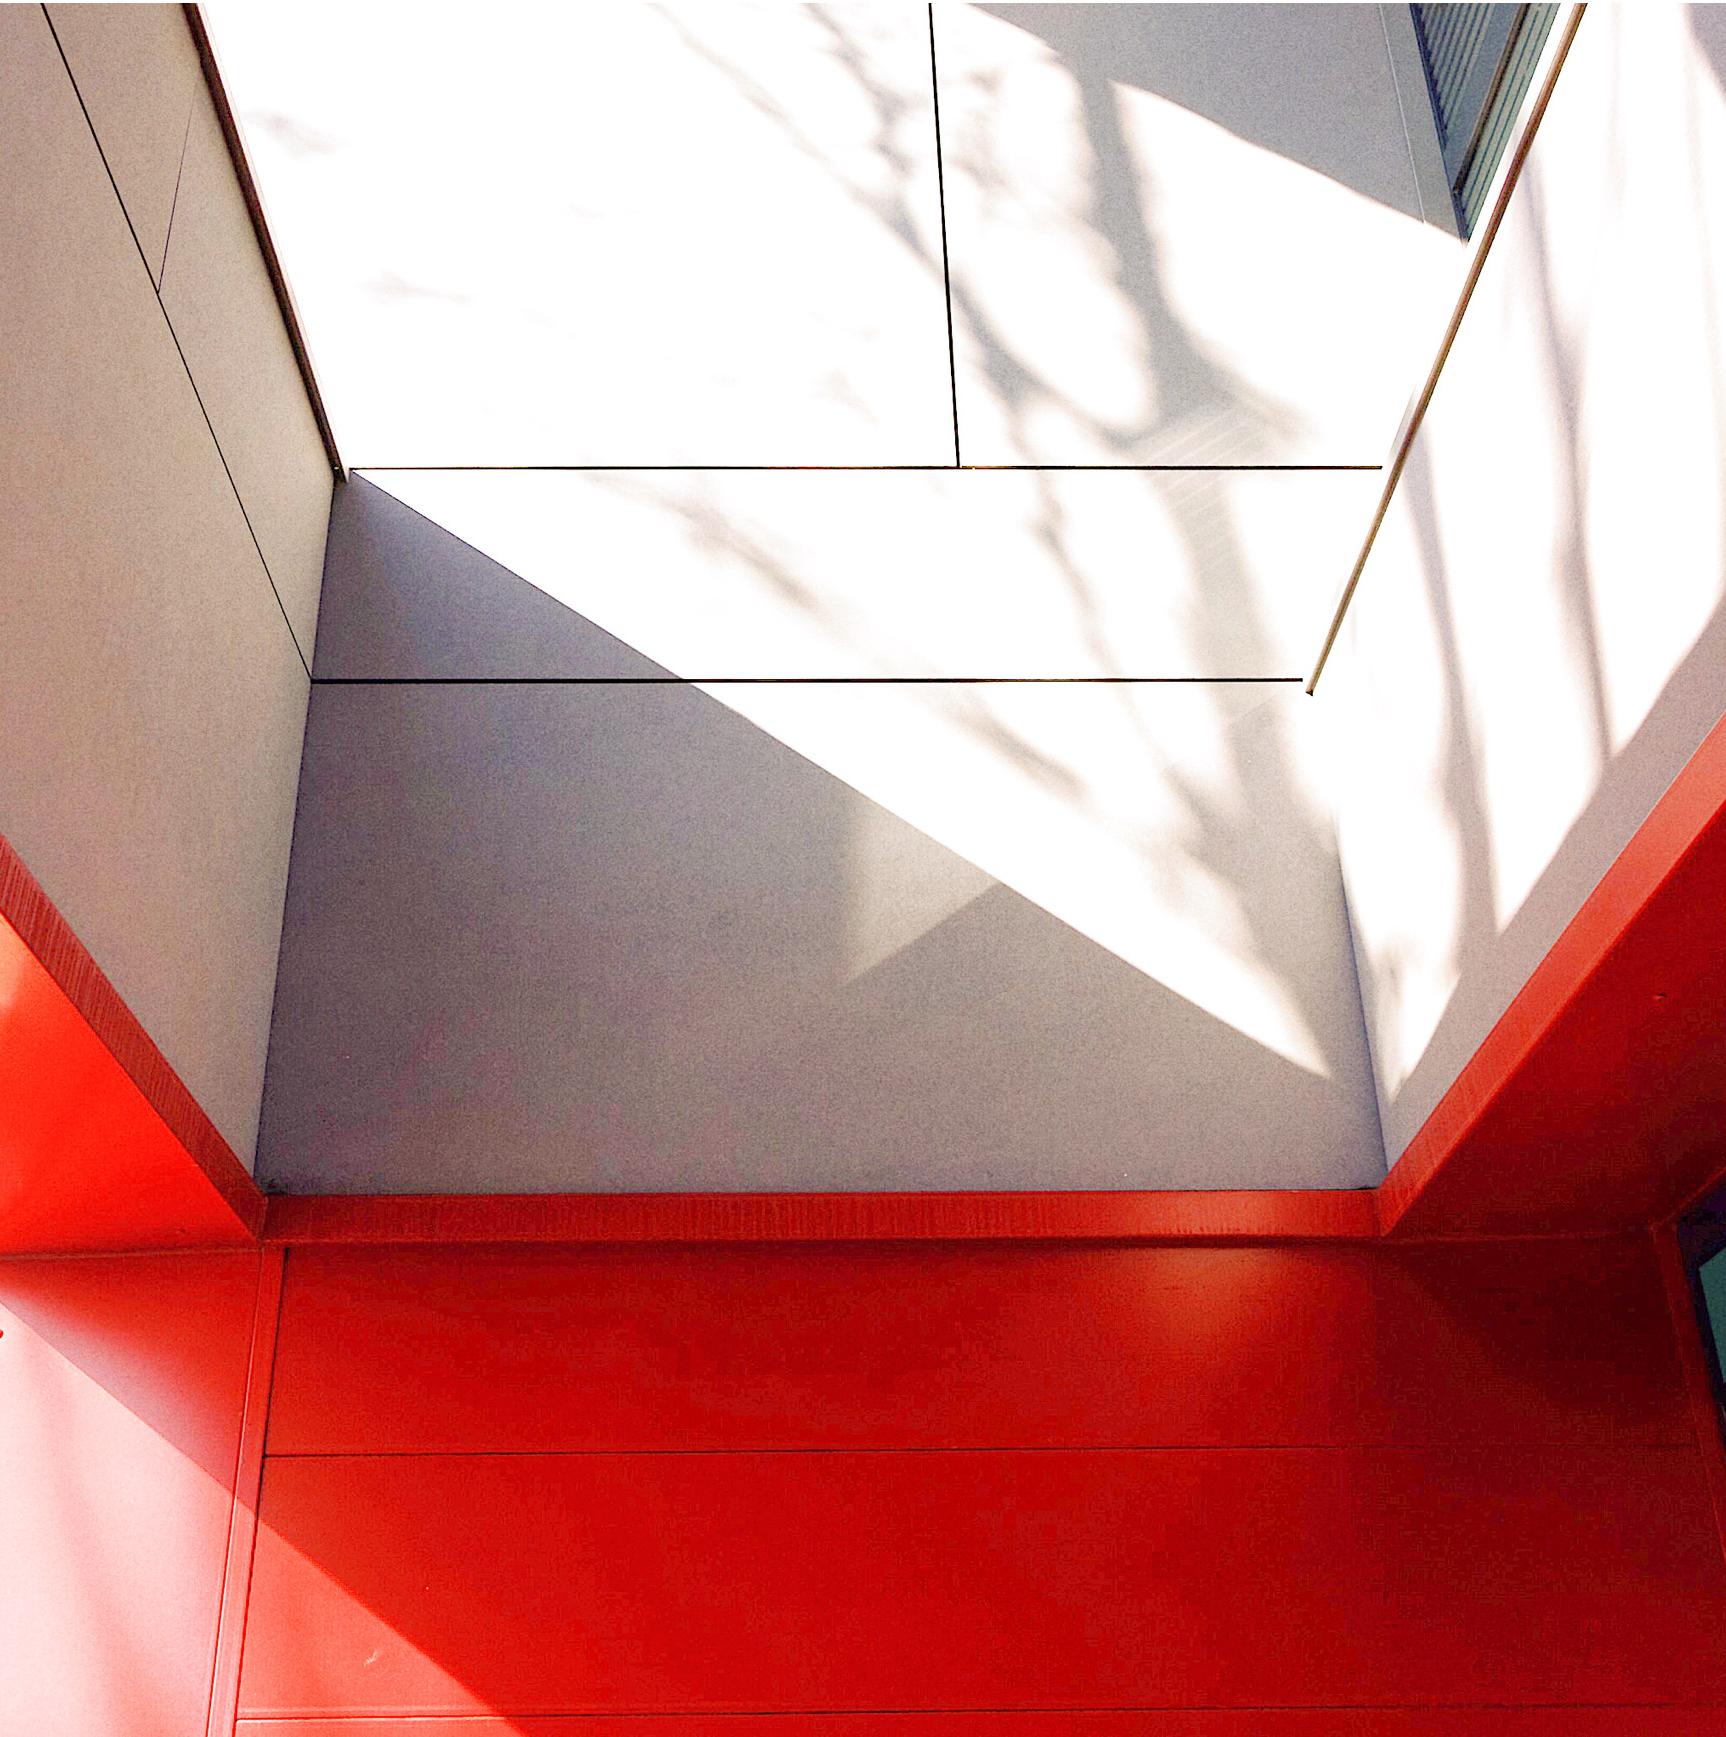 Détail de jonction matériaux-Façade CIC Aucamville- rénovation de façade d'une agence bancaire- architectes toulouse